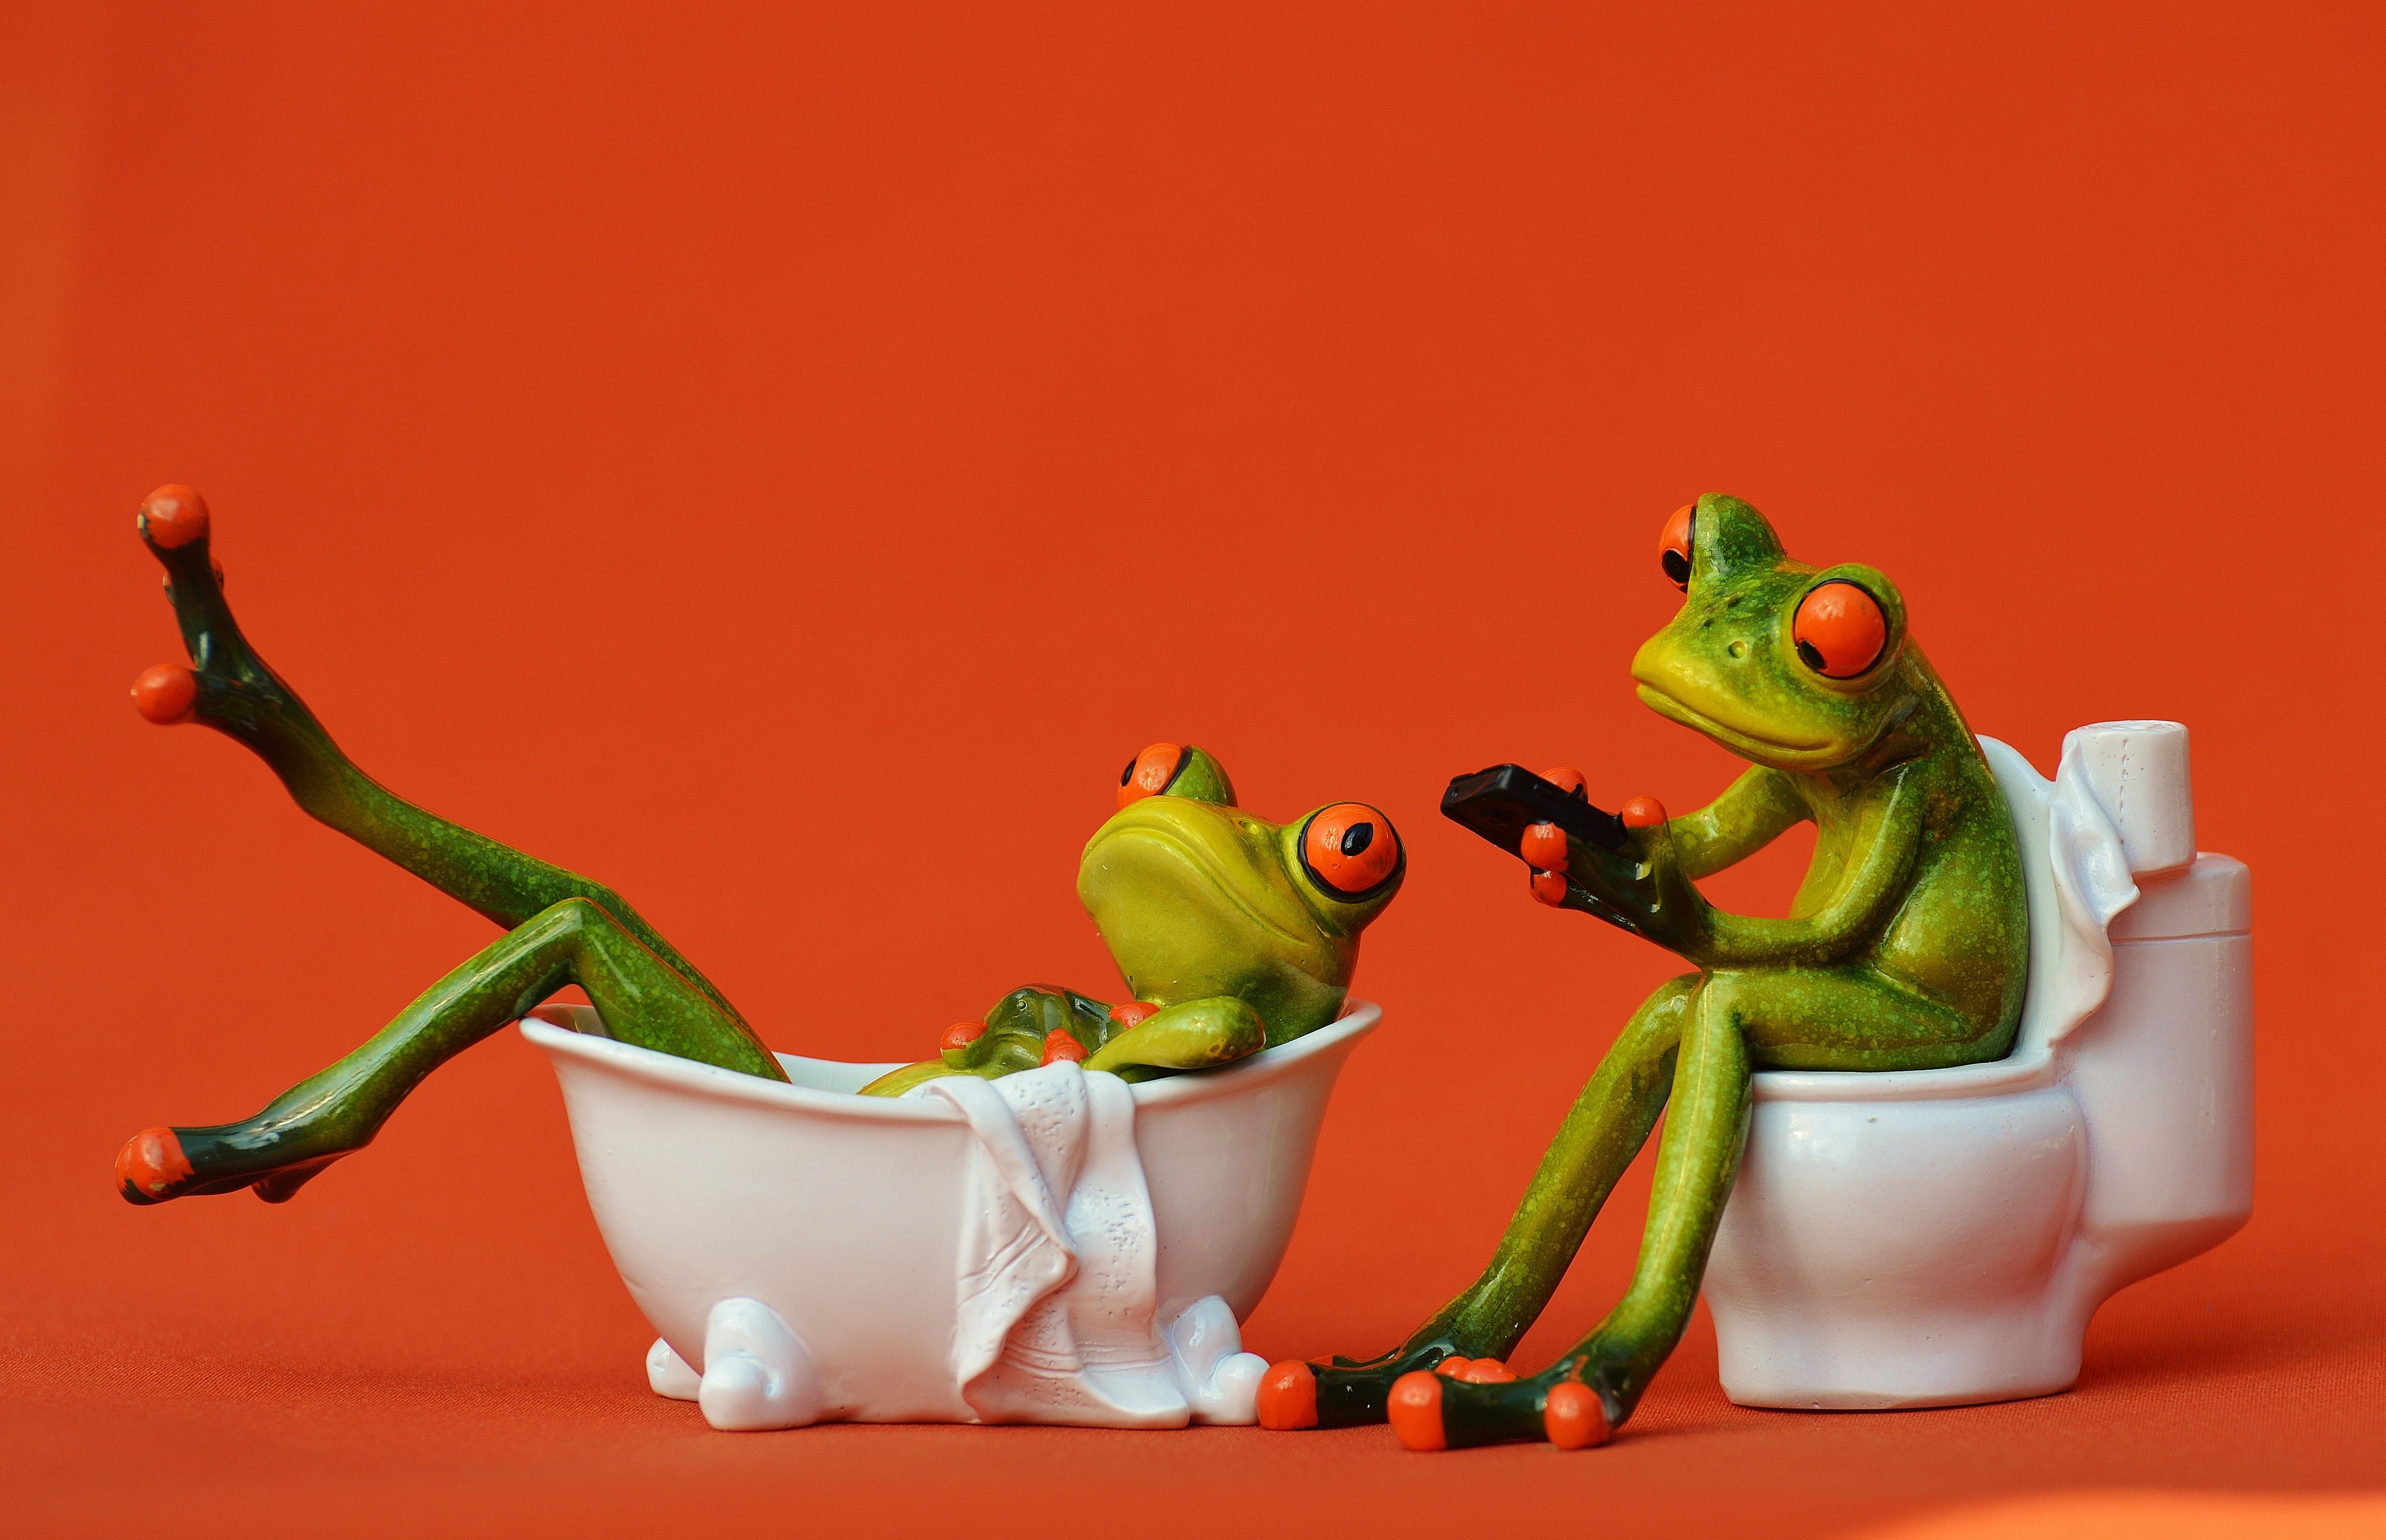 Gambar Manis Imut Berenang Hijau Toilet Katak Amfibi